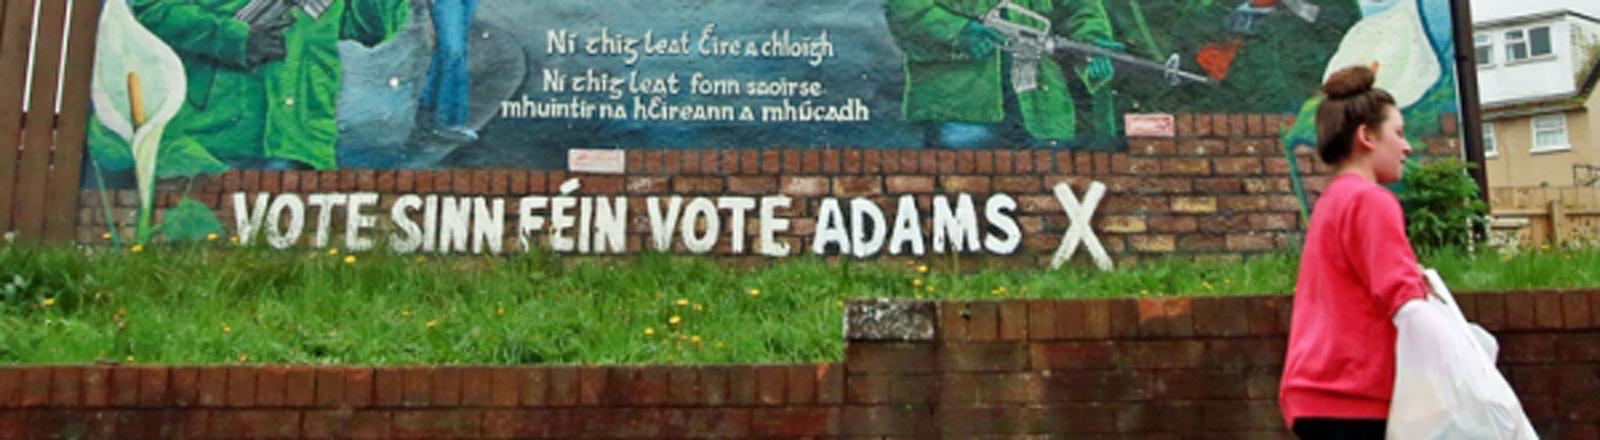 Eine Frau geht in Belfast an einer Wahlwerbung der Partei Sinn Fein vorbei.